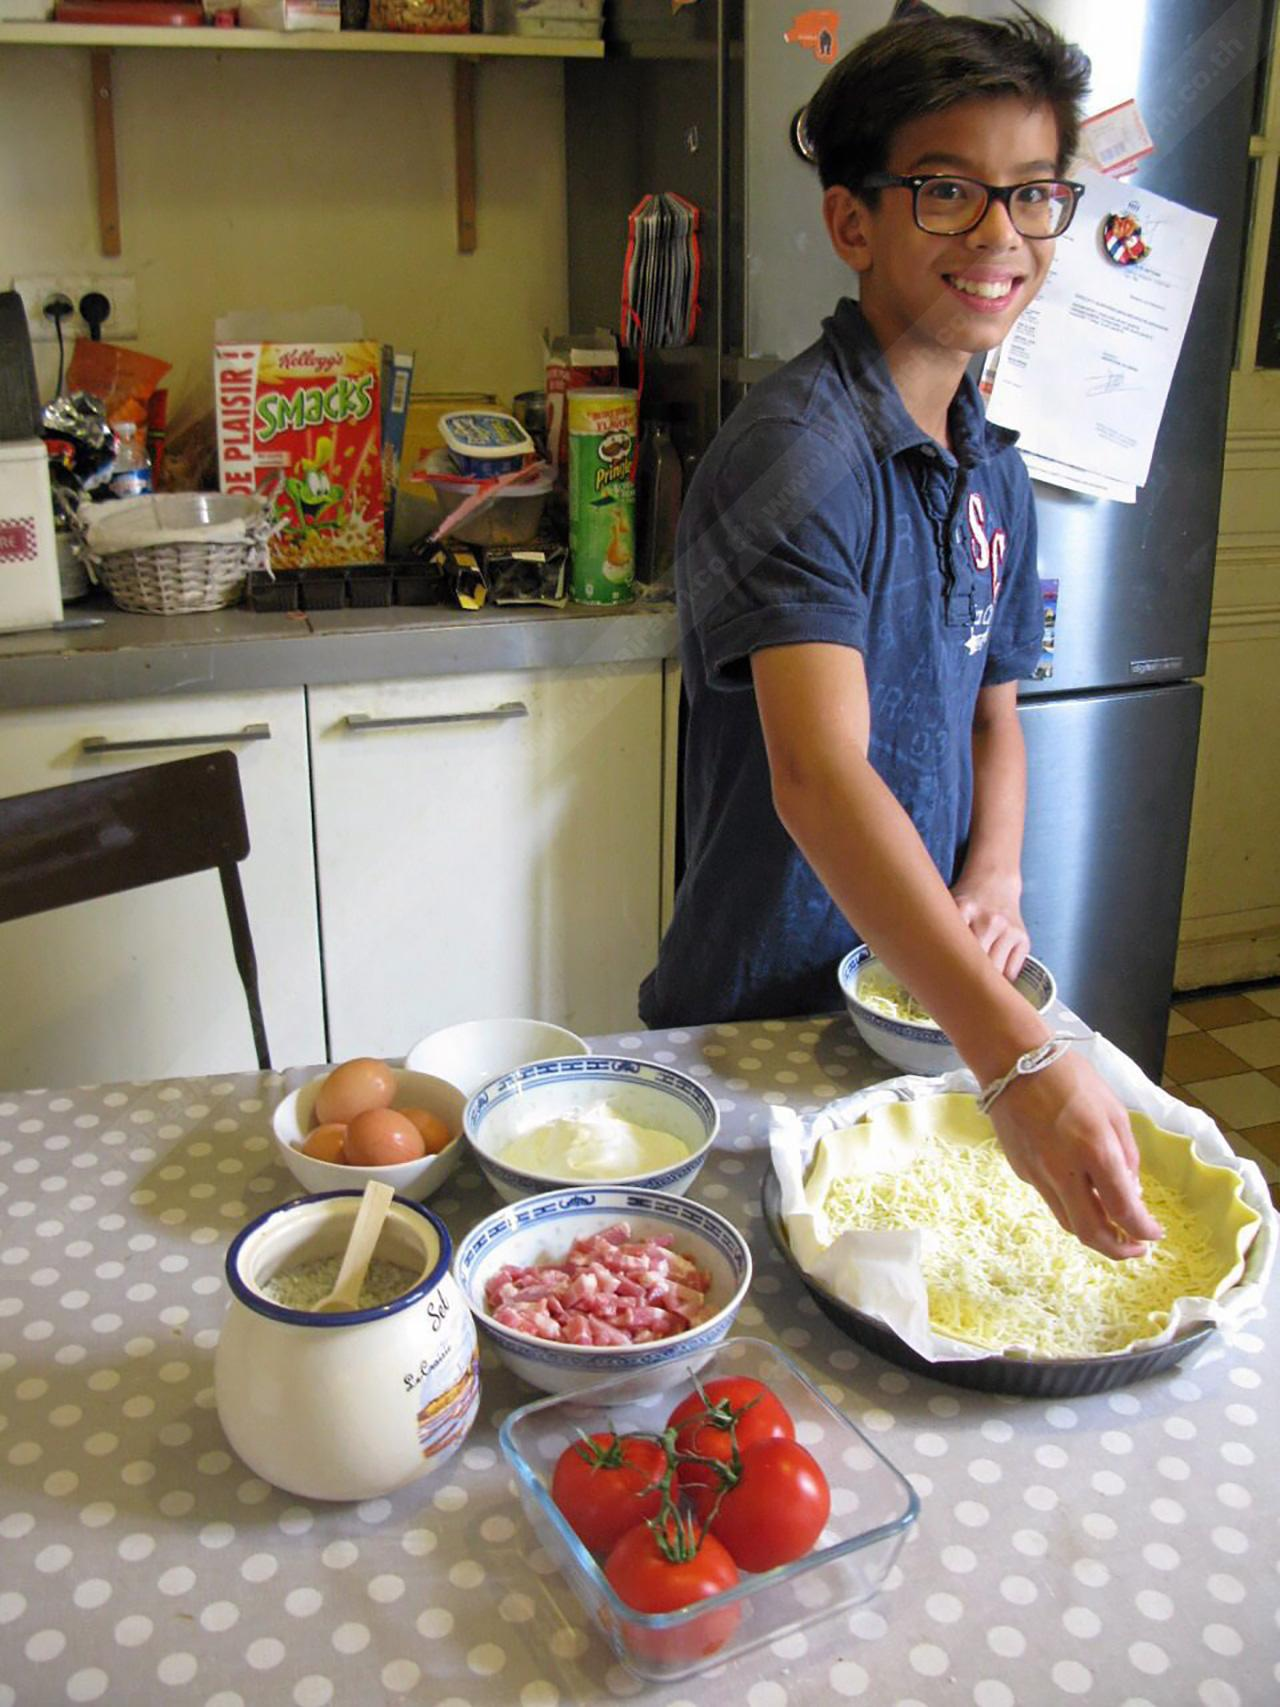 หนุ่มน้อยลูกครึ่งไทย-ฝรั่งเศส ชอบเรียนรู้การทำอาหาร